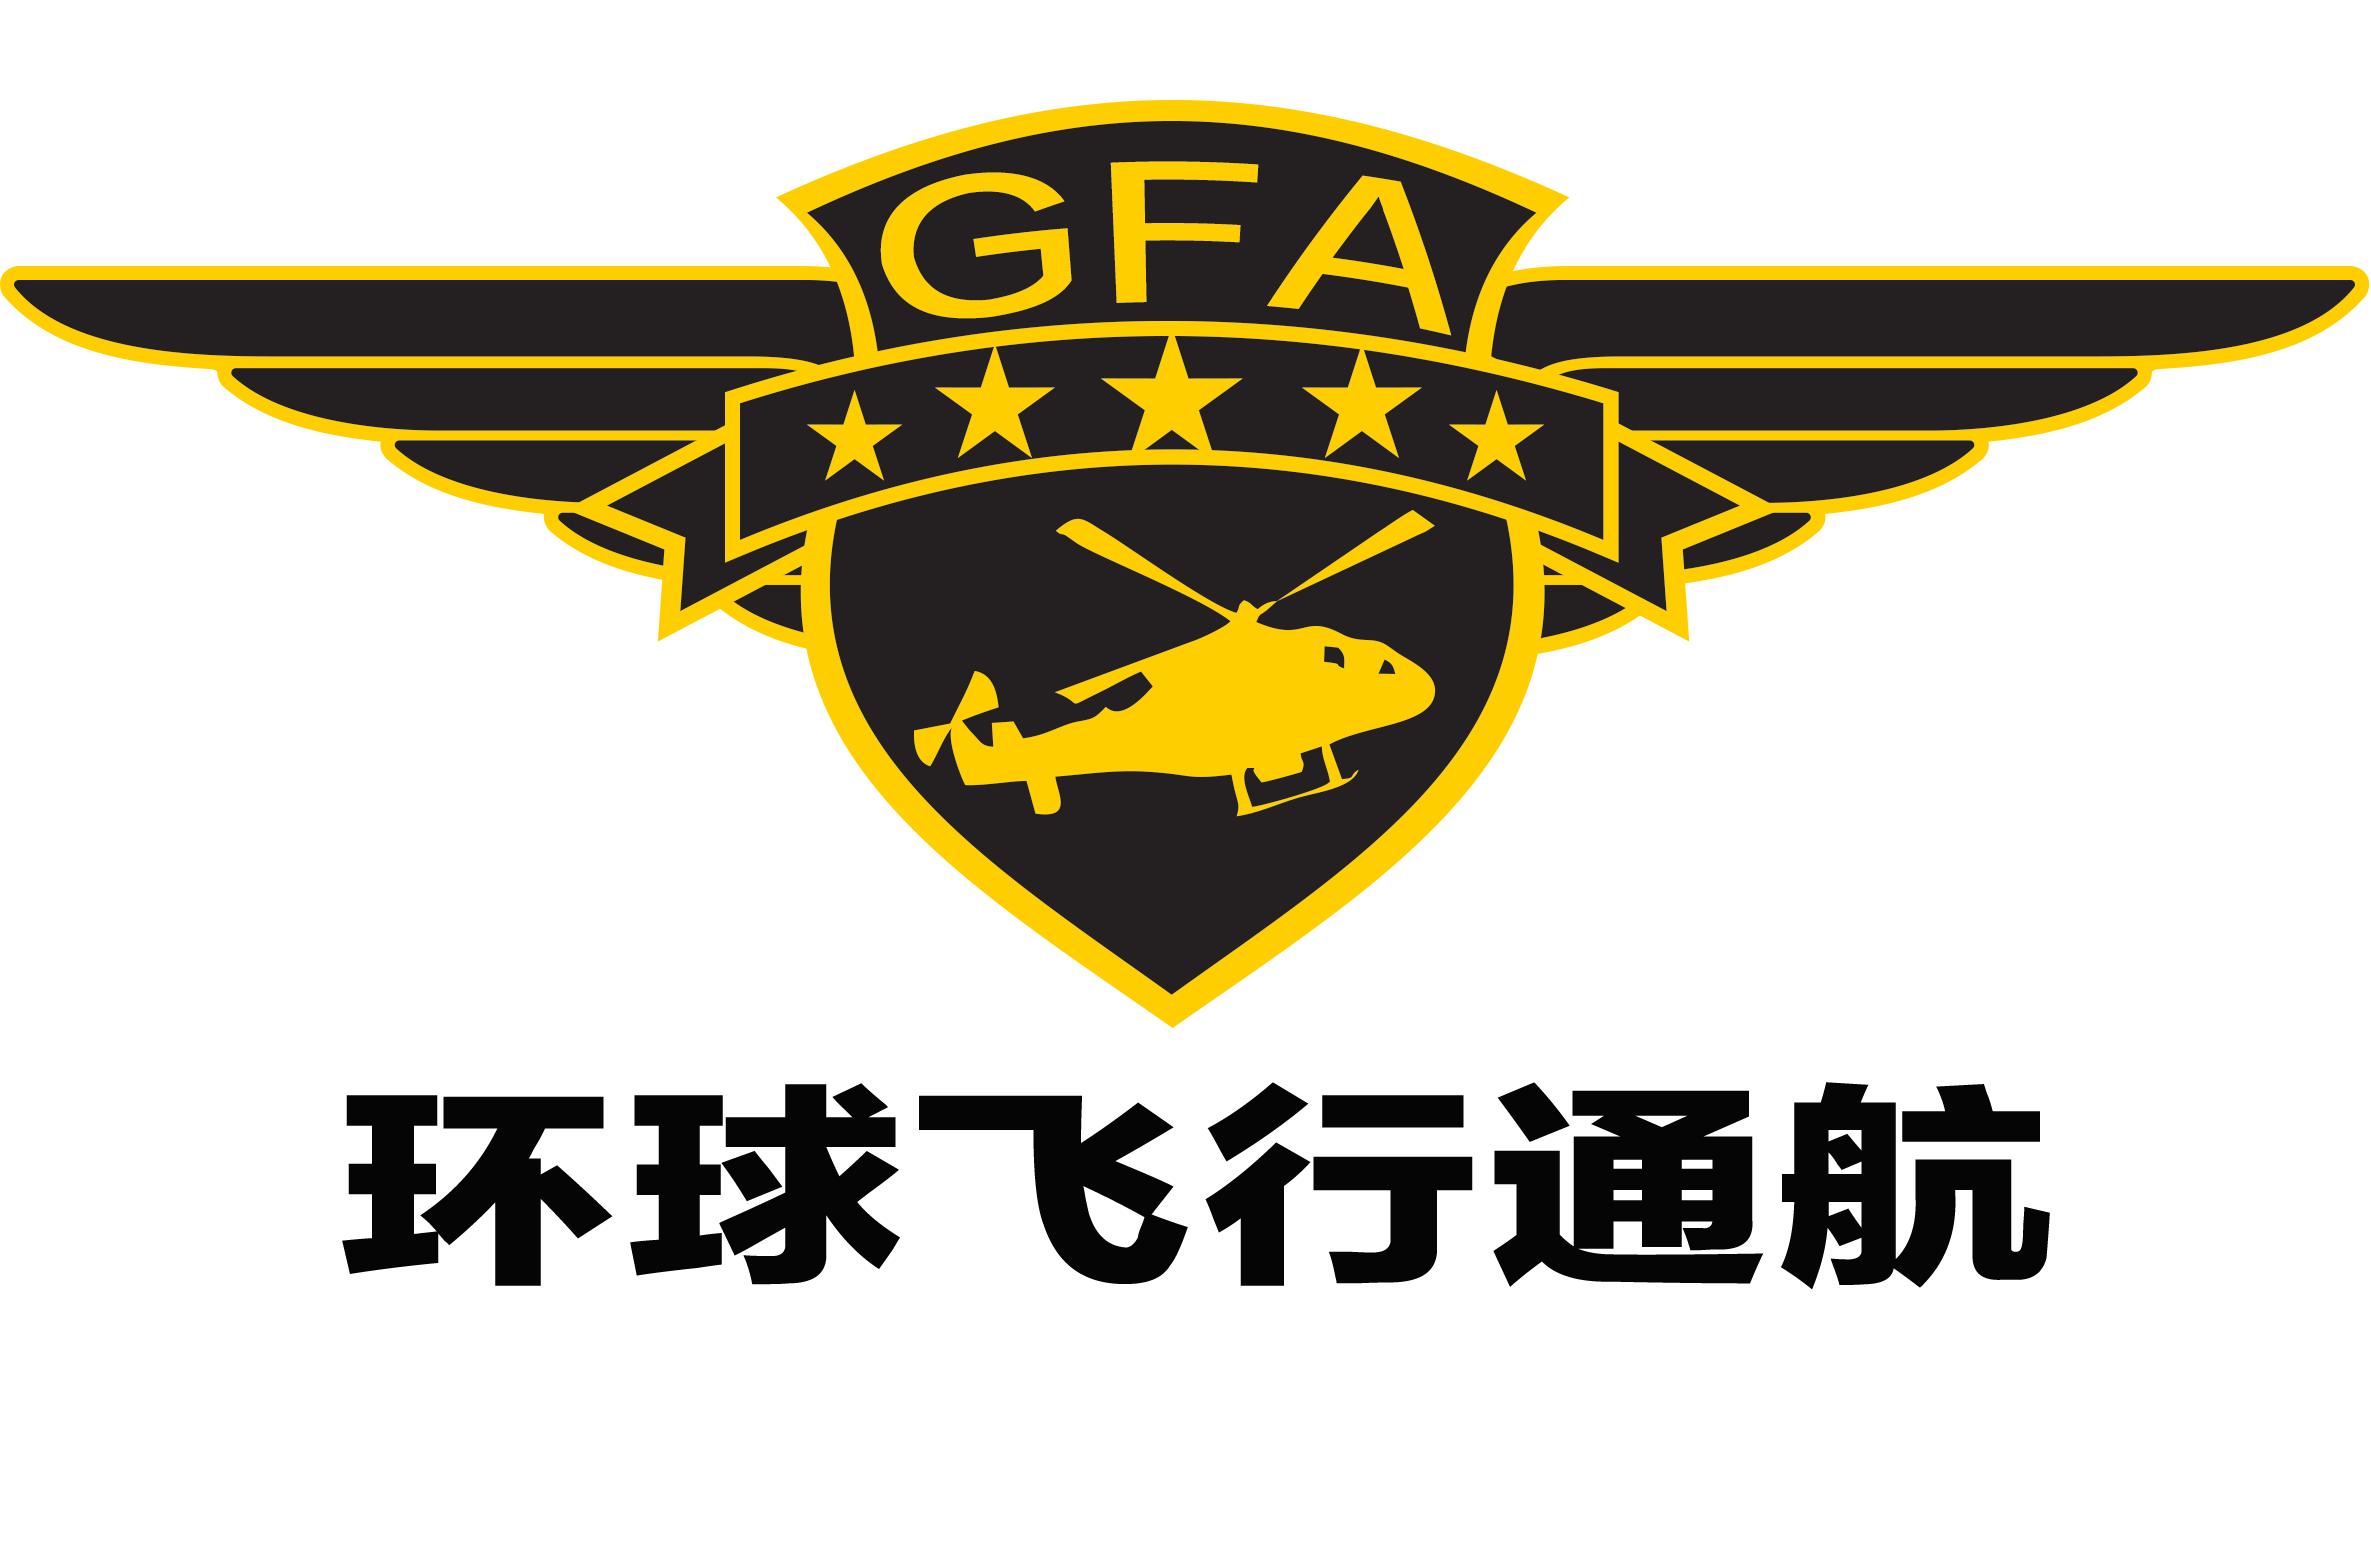 logo logo 标志 设计 矢量 矢量图 素材 图标 2371_1546